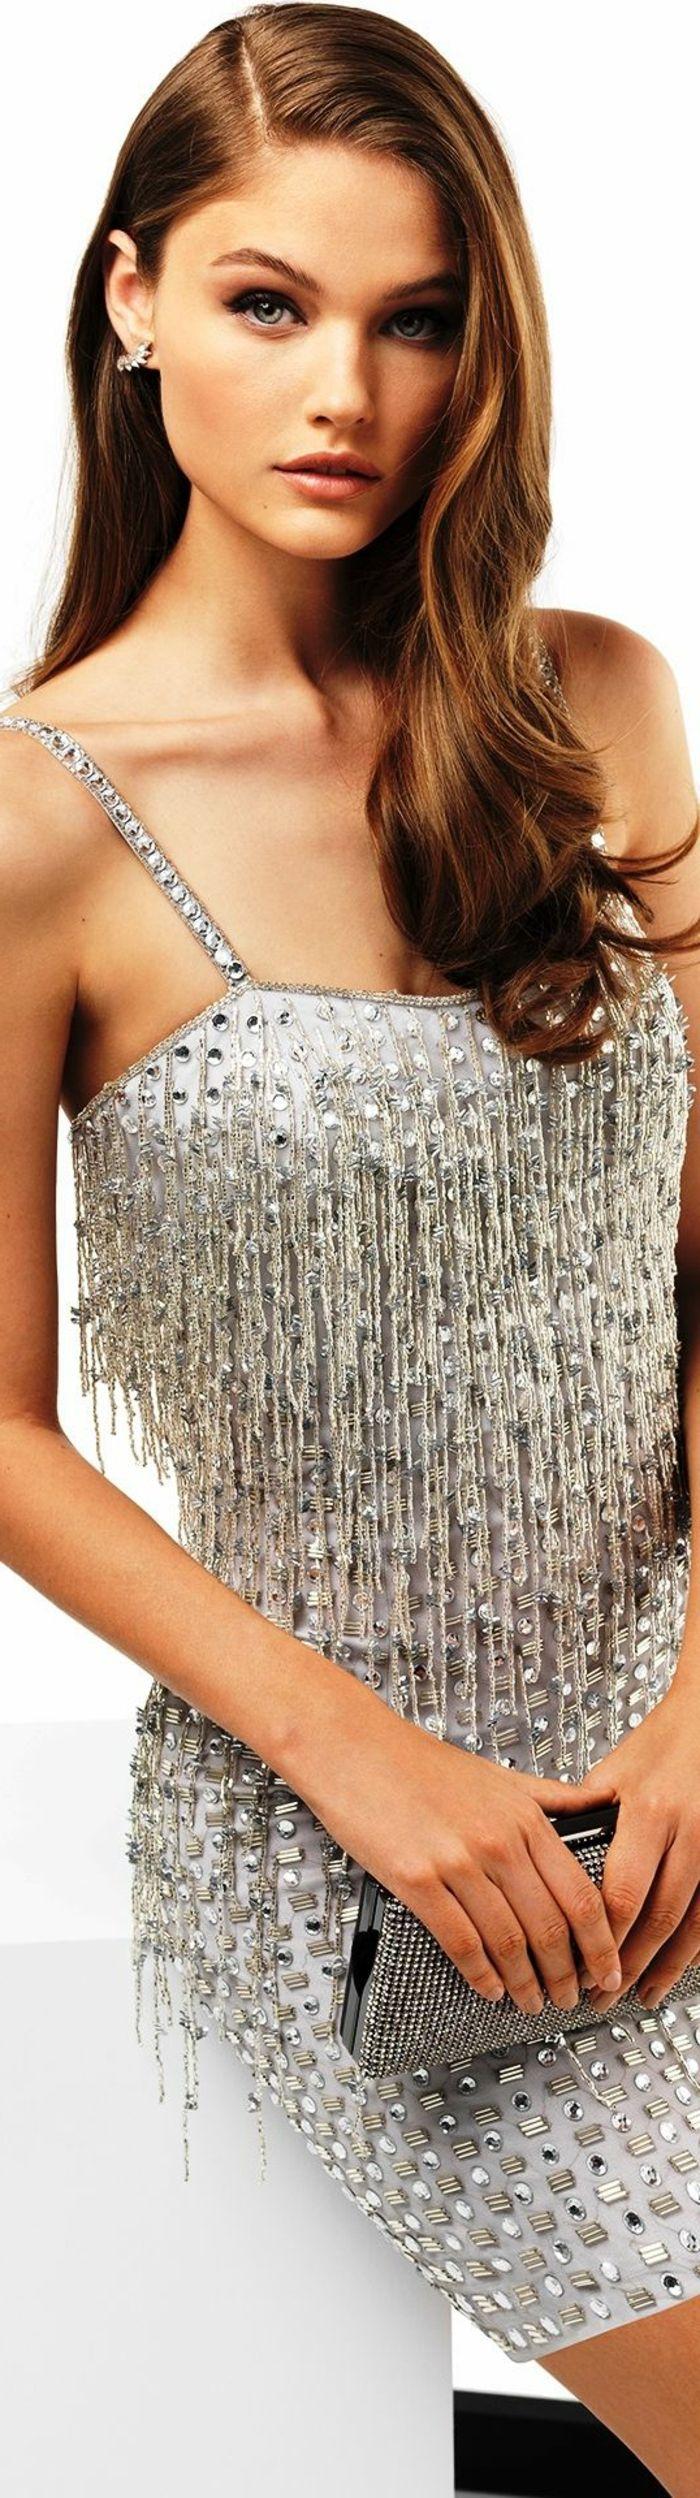 kurzes graues Cocktail-Kleid mit Kristallen und Troddeln, dünnen Trägern mit Kristallen und einem tiefen Ausschnitt, lange dunkelbraune Haare mit Seitenscheitel, graue Tasche ohne Henkel